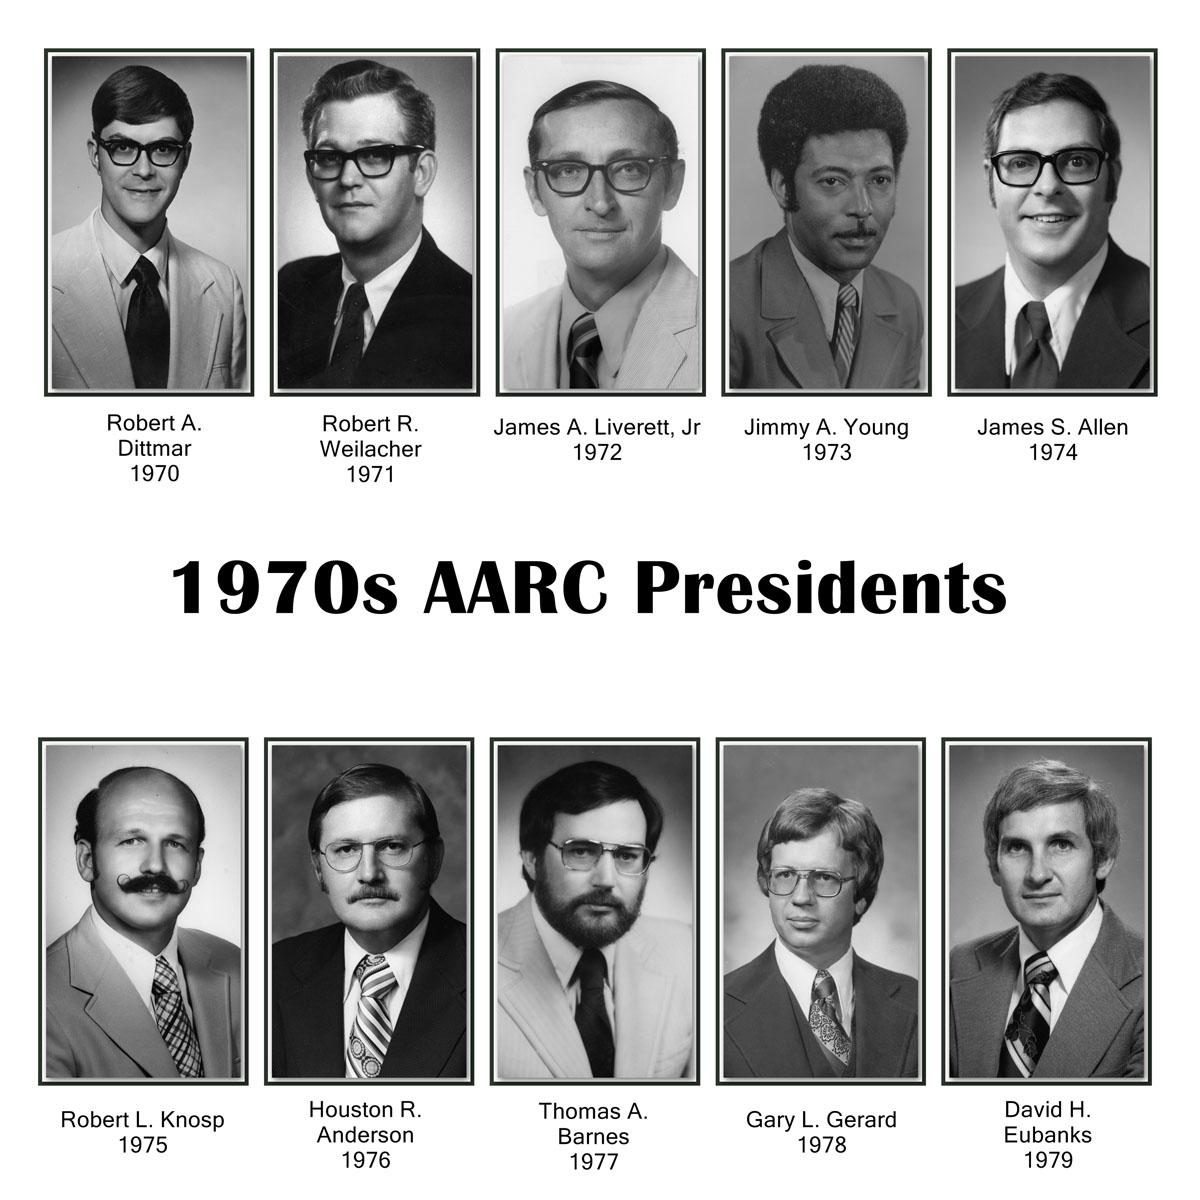 AARC Presidents 1970s